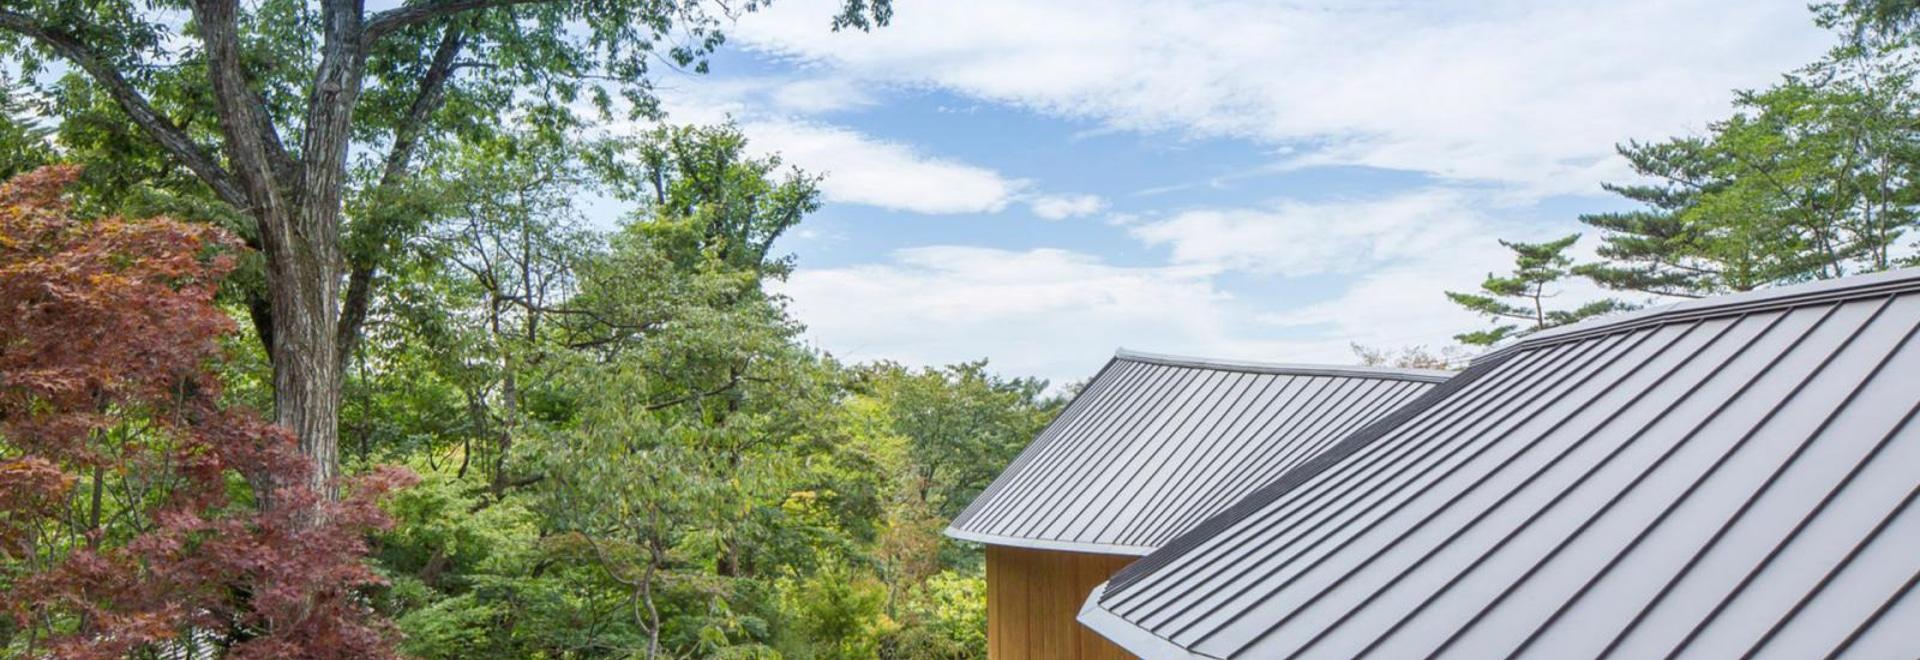 SHISHI-IWA HOUSE